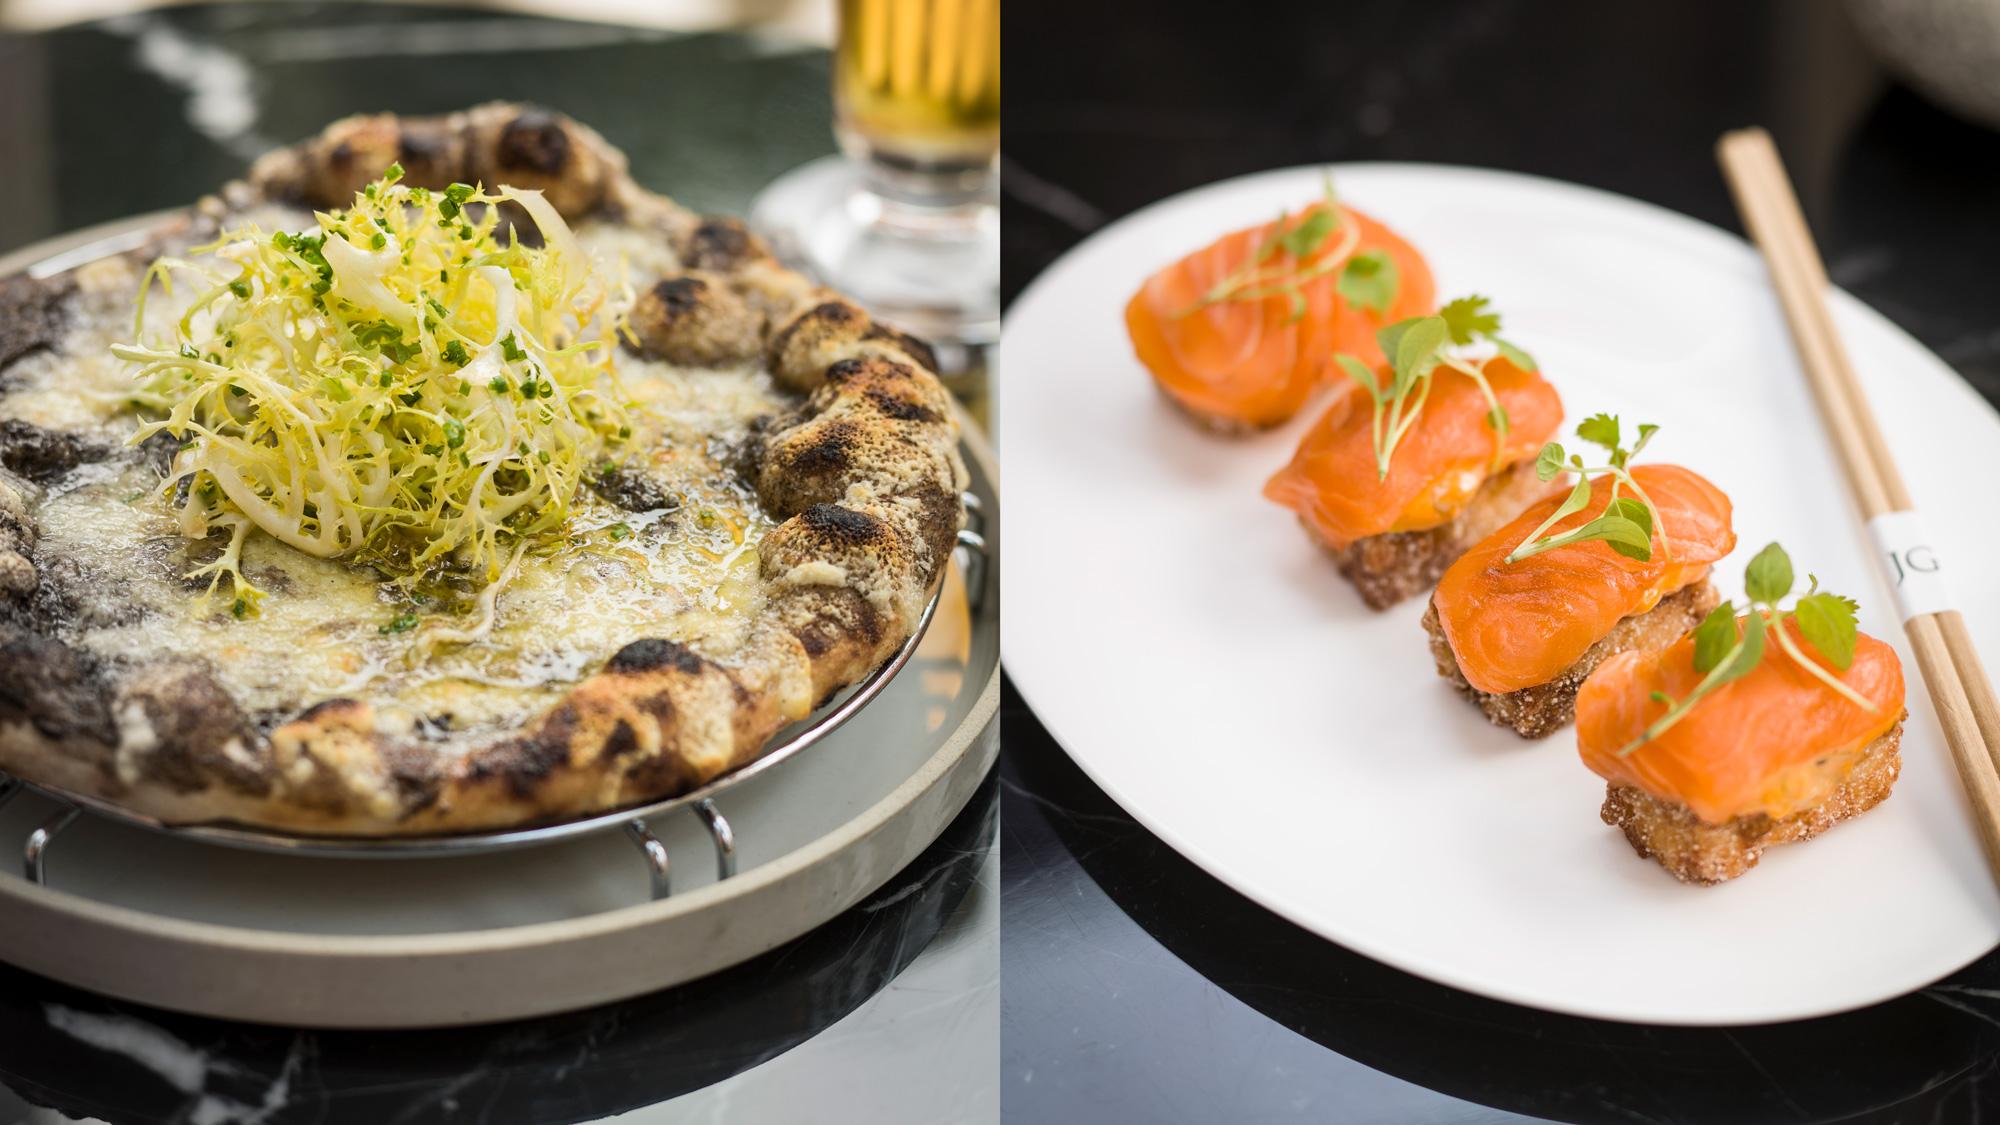 truffle and fontina pizza and tuna sushi